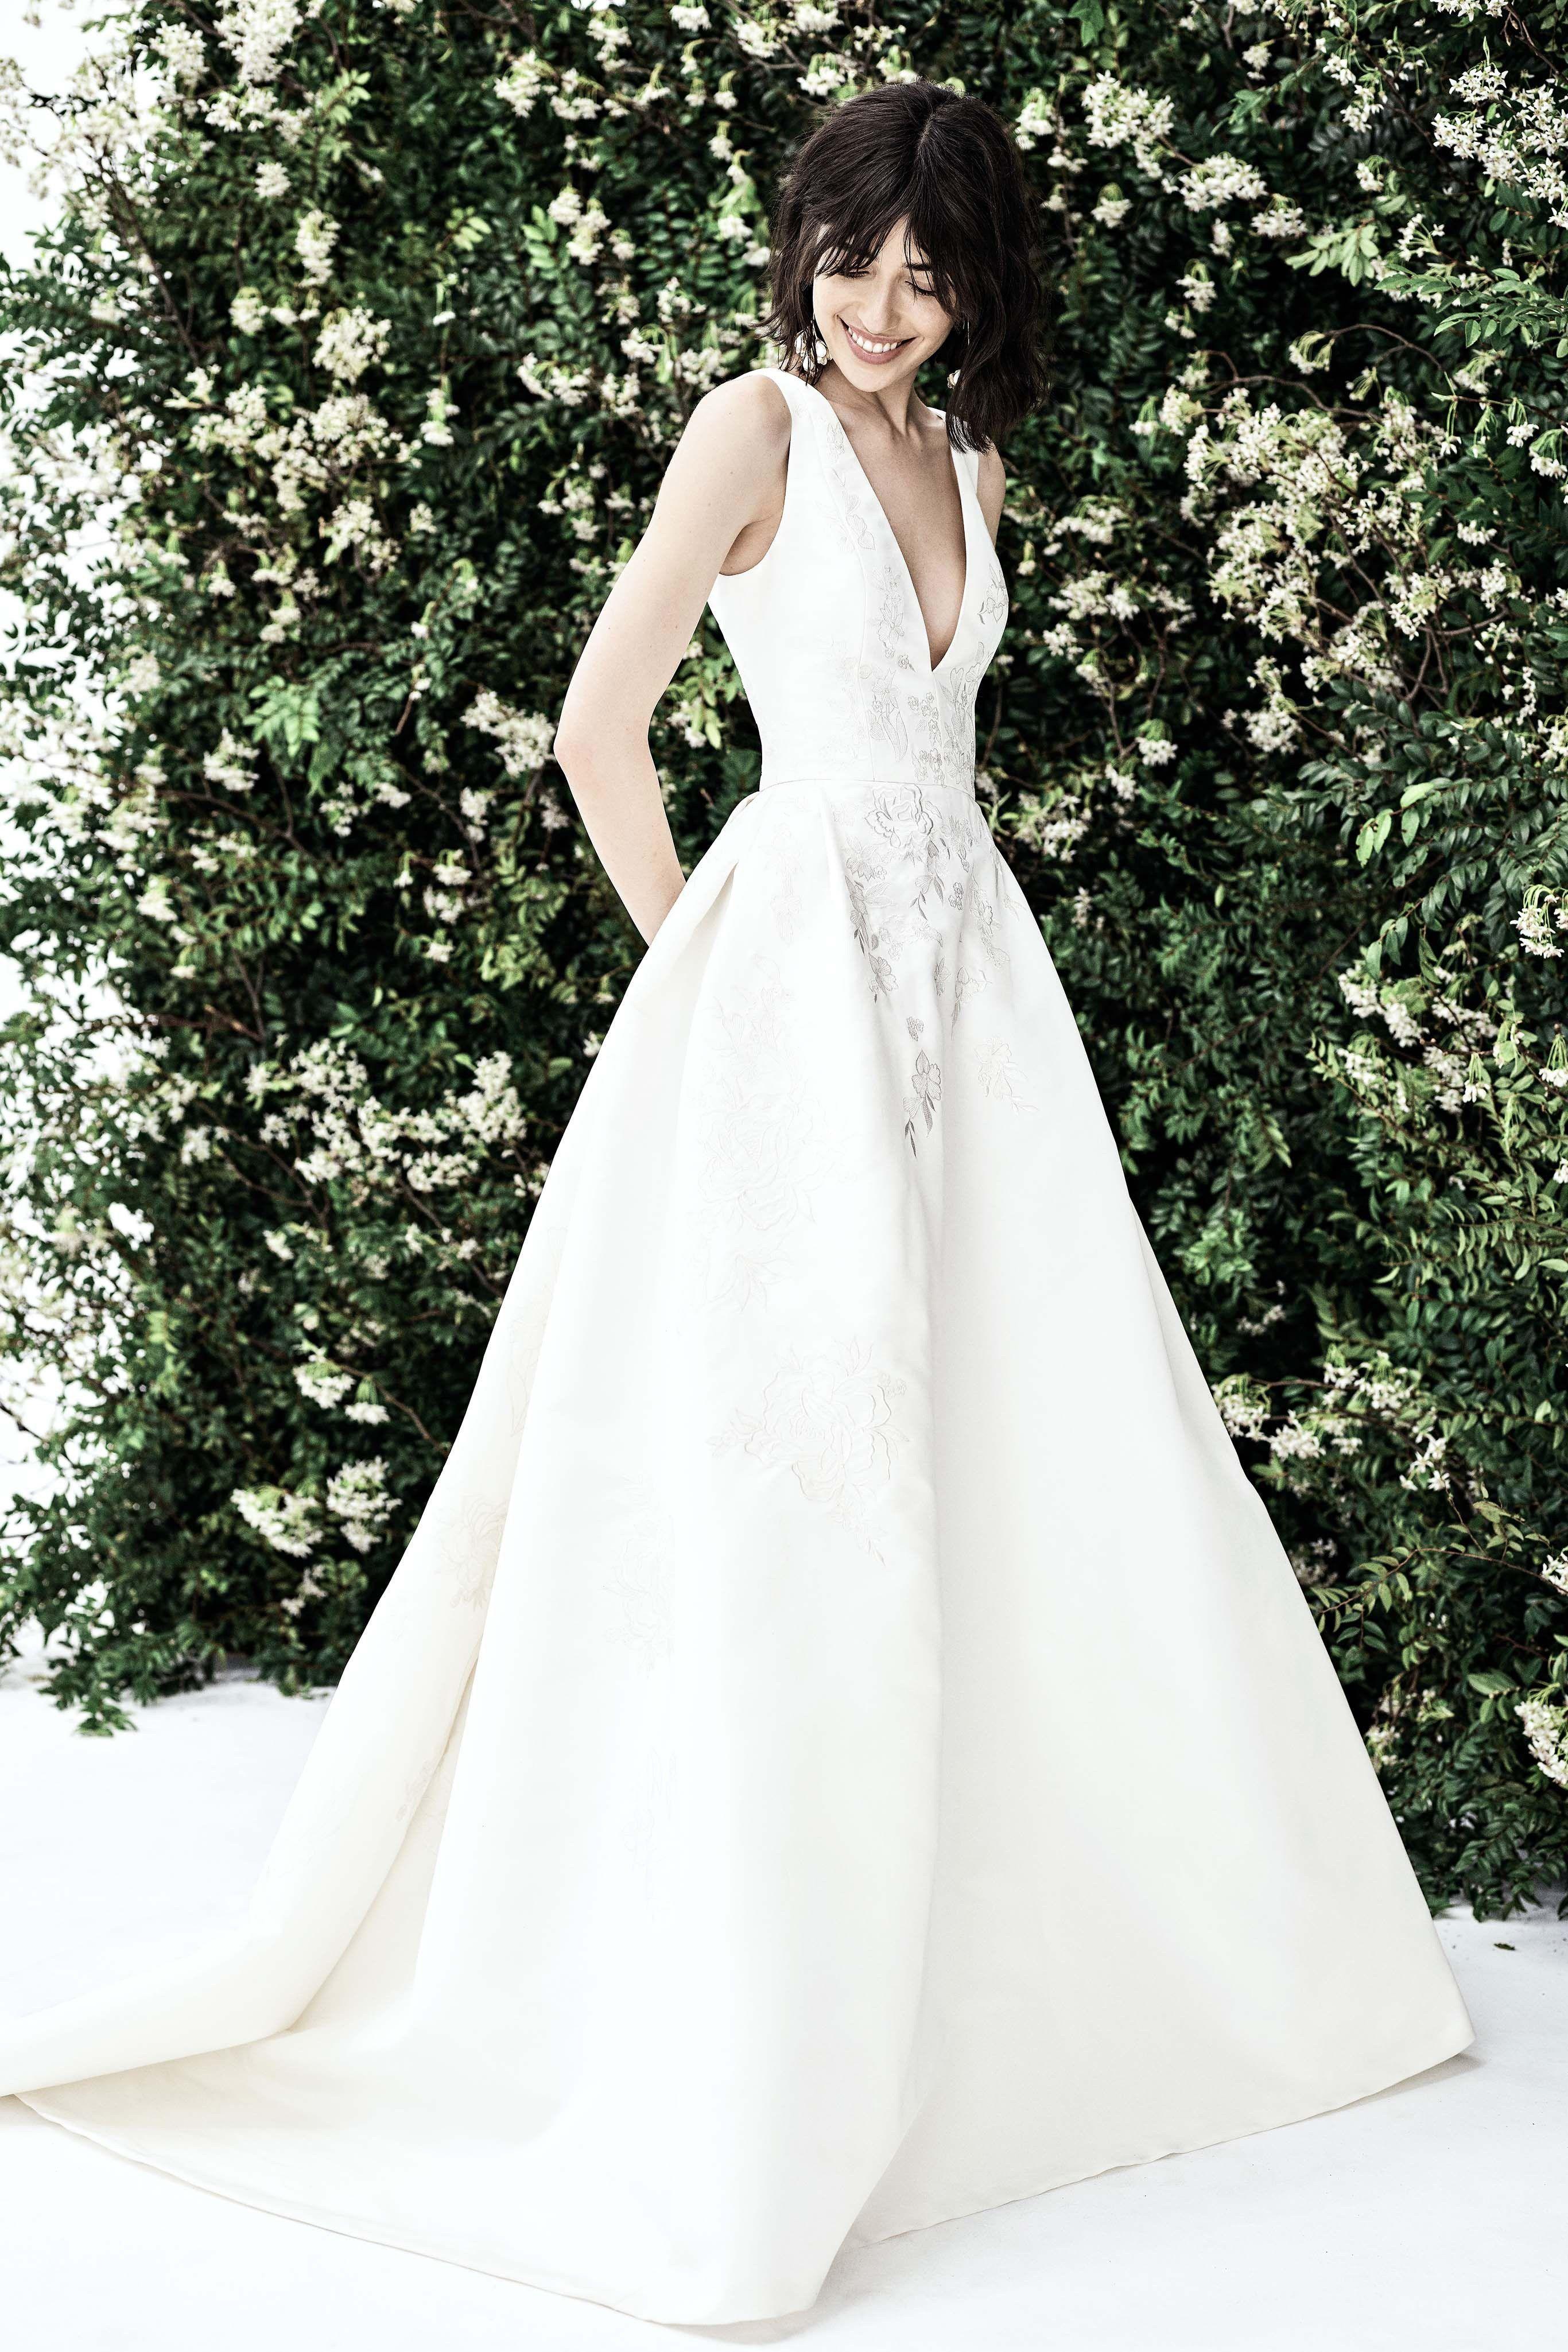 Carolina Herrera Bridal Spring 2020 Fashion Show Carolina Herrera Bridal Carolina Herrera Wedding Dress Herrera Wedding Dress